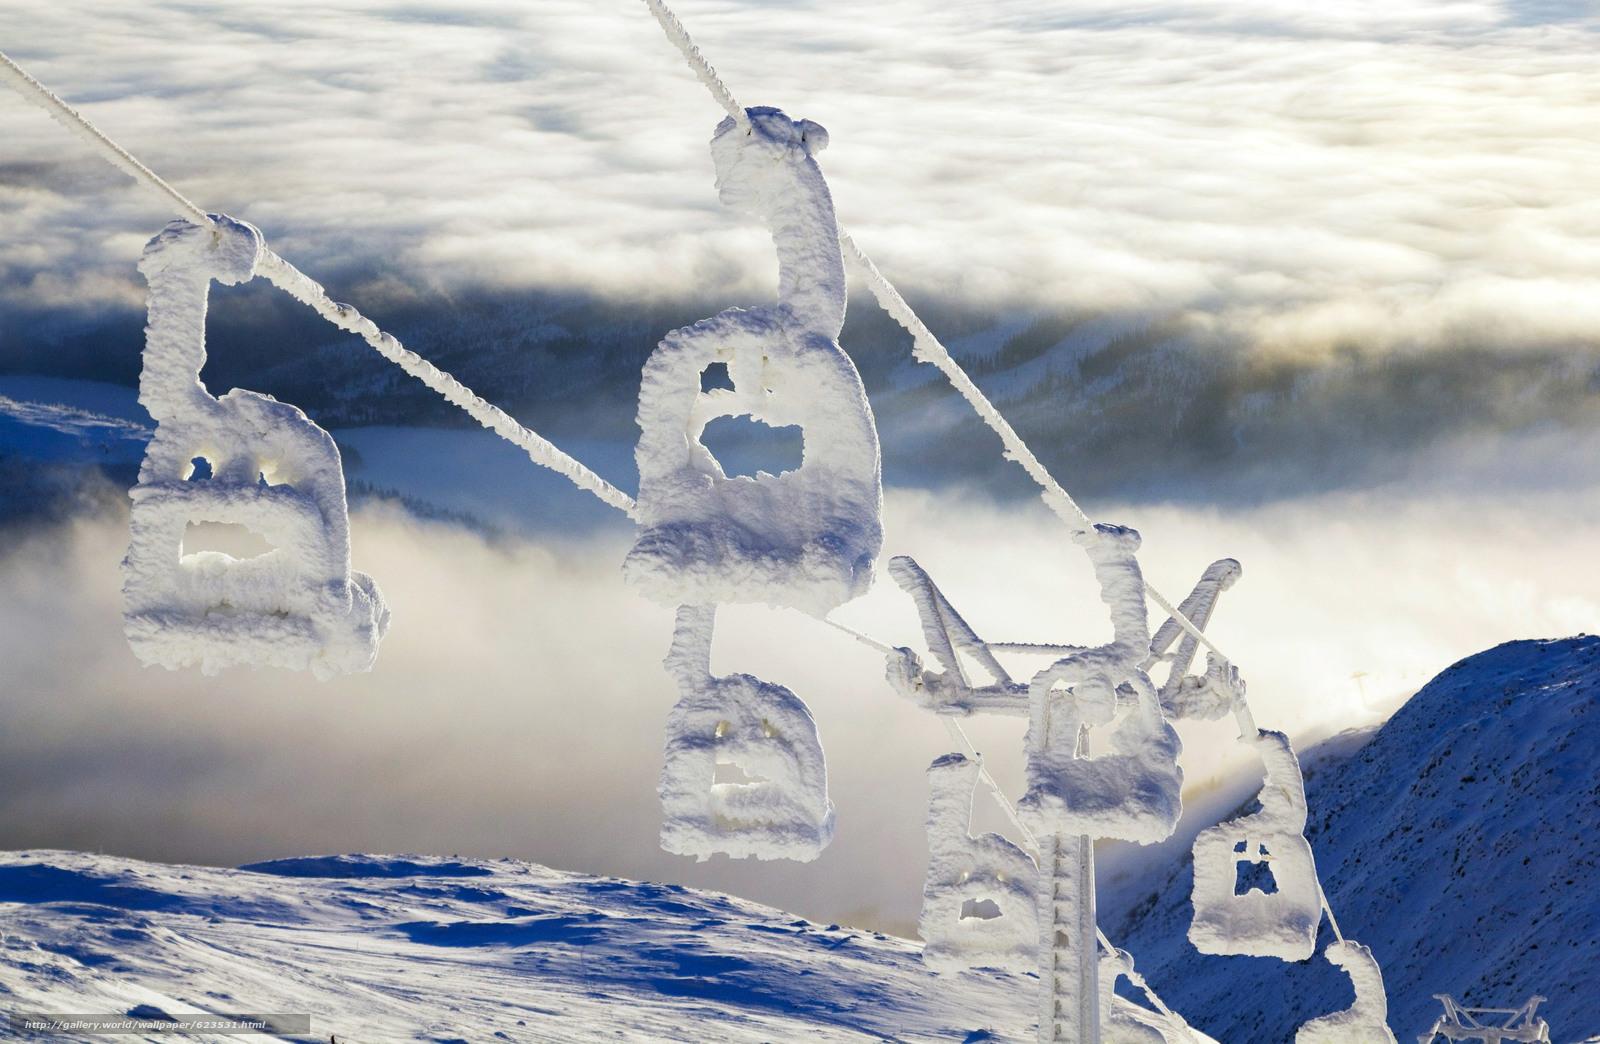 Скачать обои подъемник,  гора,  Areskutan,  Швеция бесплатно для рабочего стола в разрешении 3087x2015 — картинка №623531